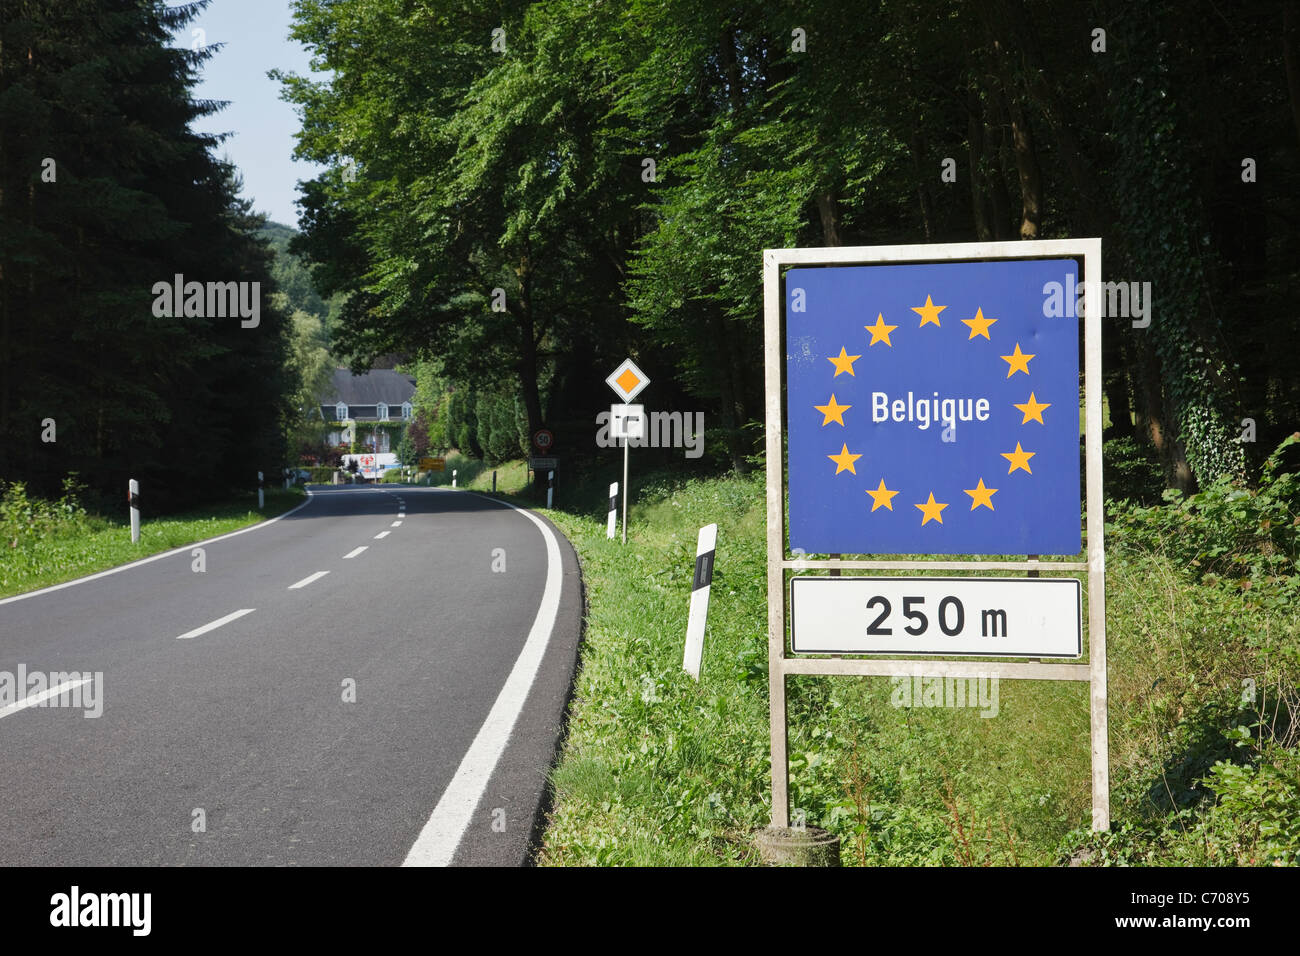 Straße nach Belgien mit EU-belgischen Grenze zeichen Belgique. Großherzogtum Luxemburg, Europa. Stockbild